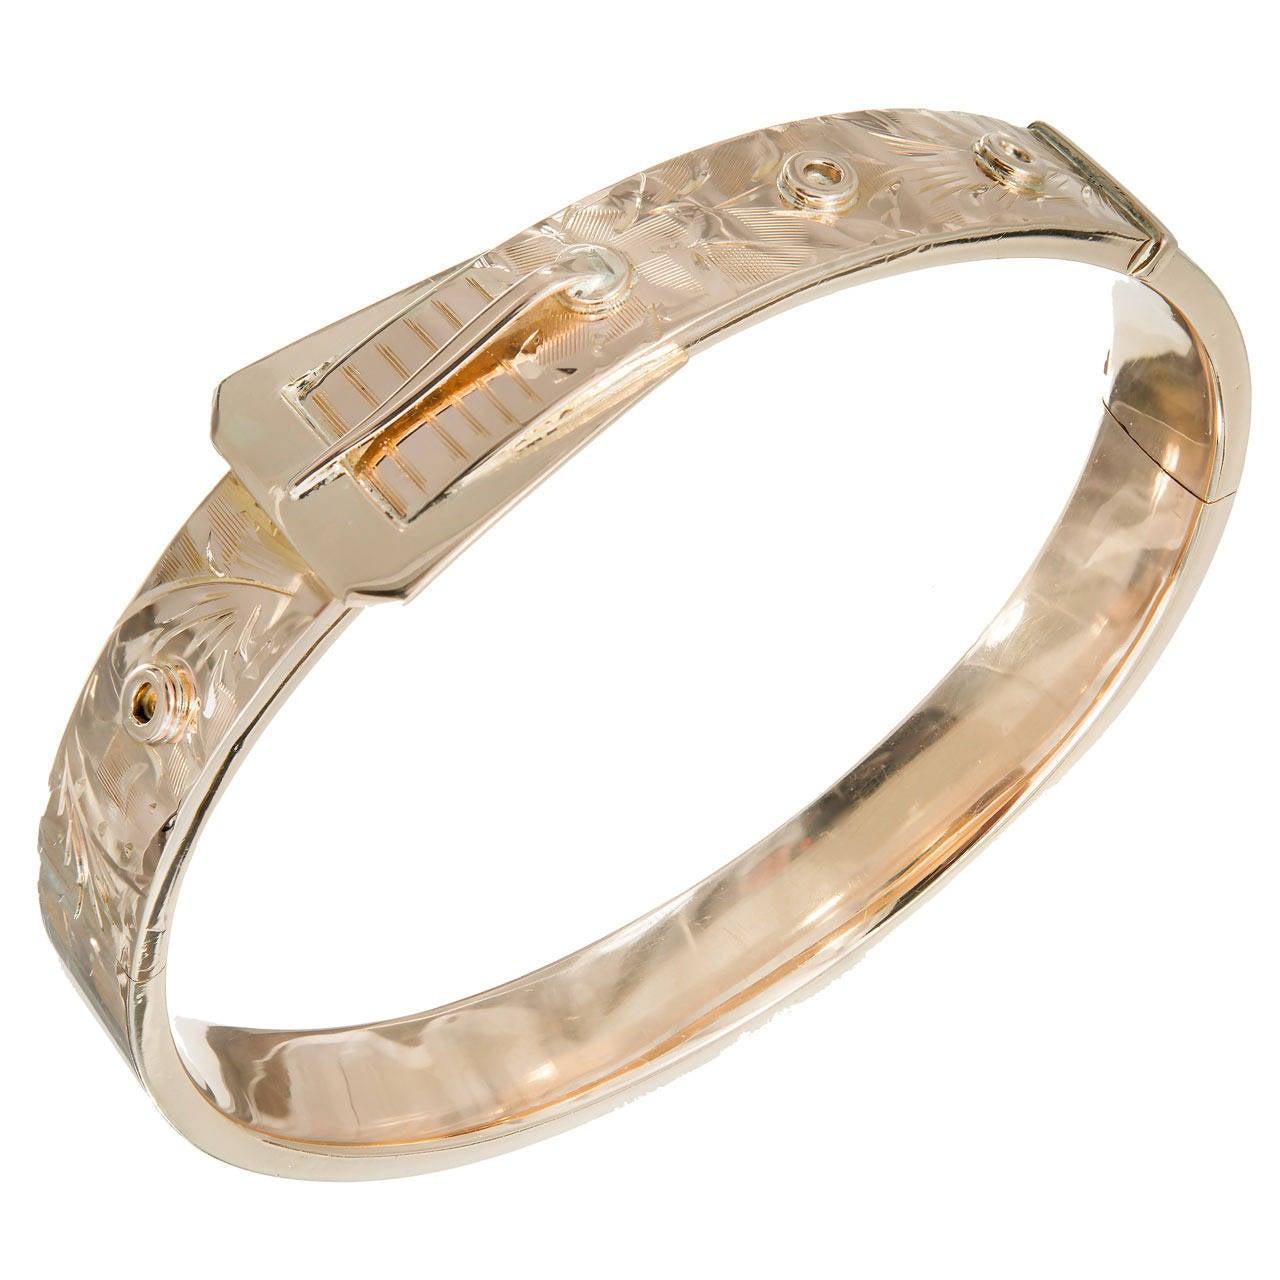 Rose Gold Buckle Hinged Bangle Bracelet For Sale At 1stdibs